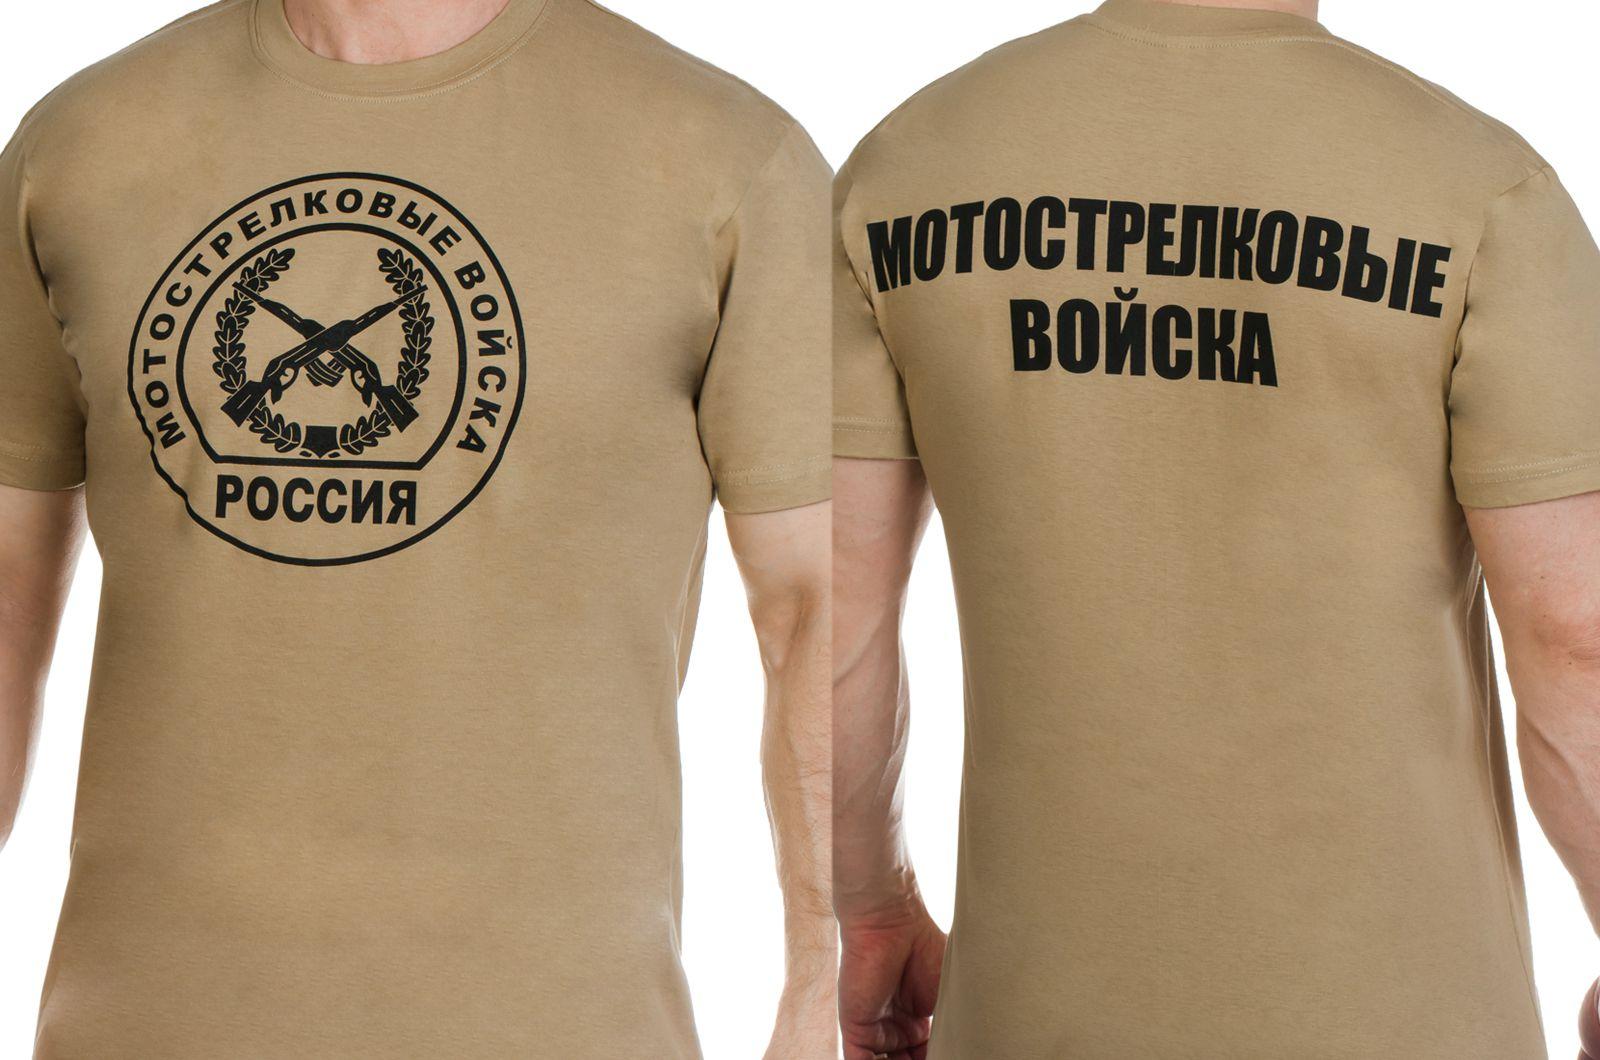 Заказать футболки для мотострелка